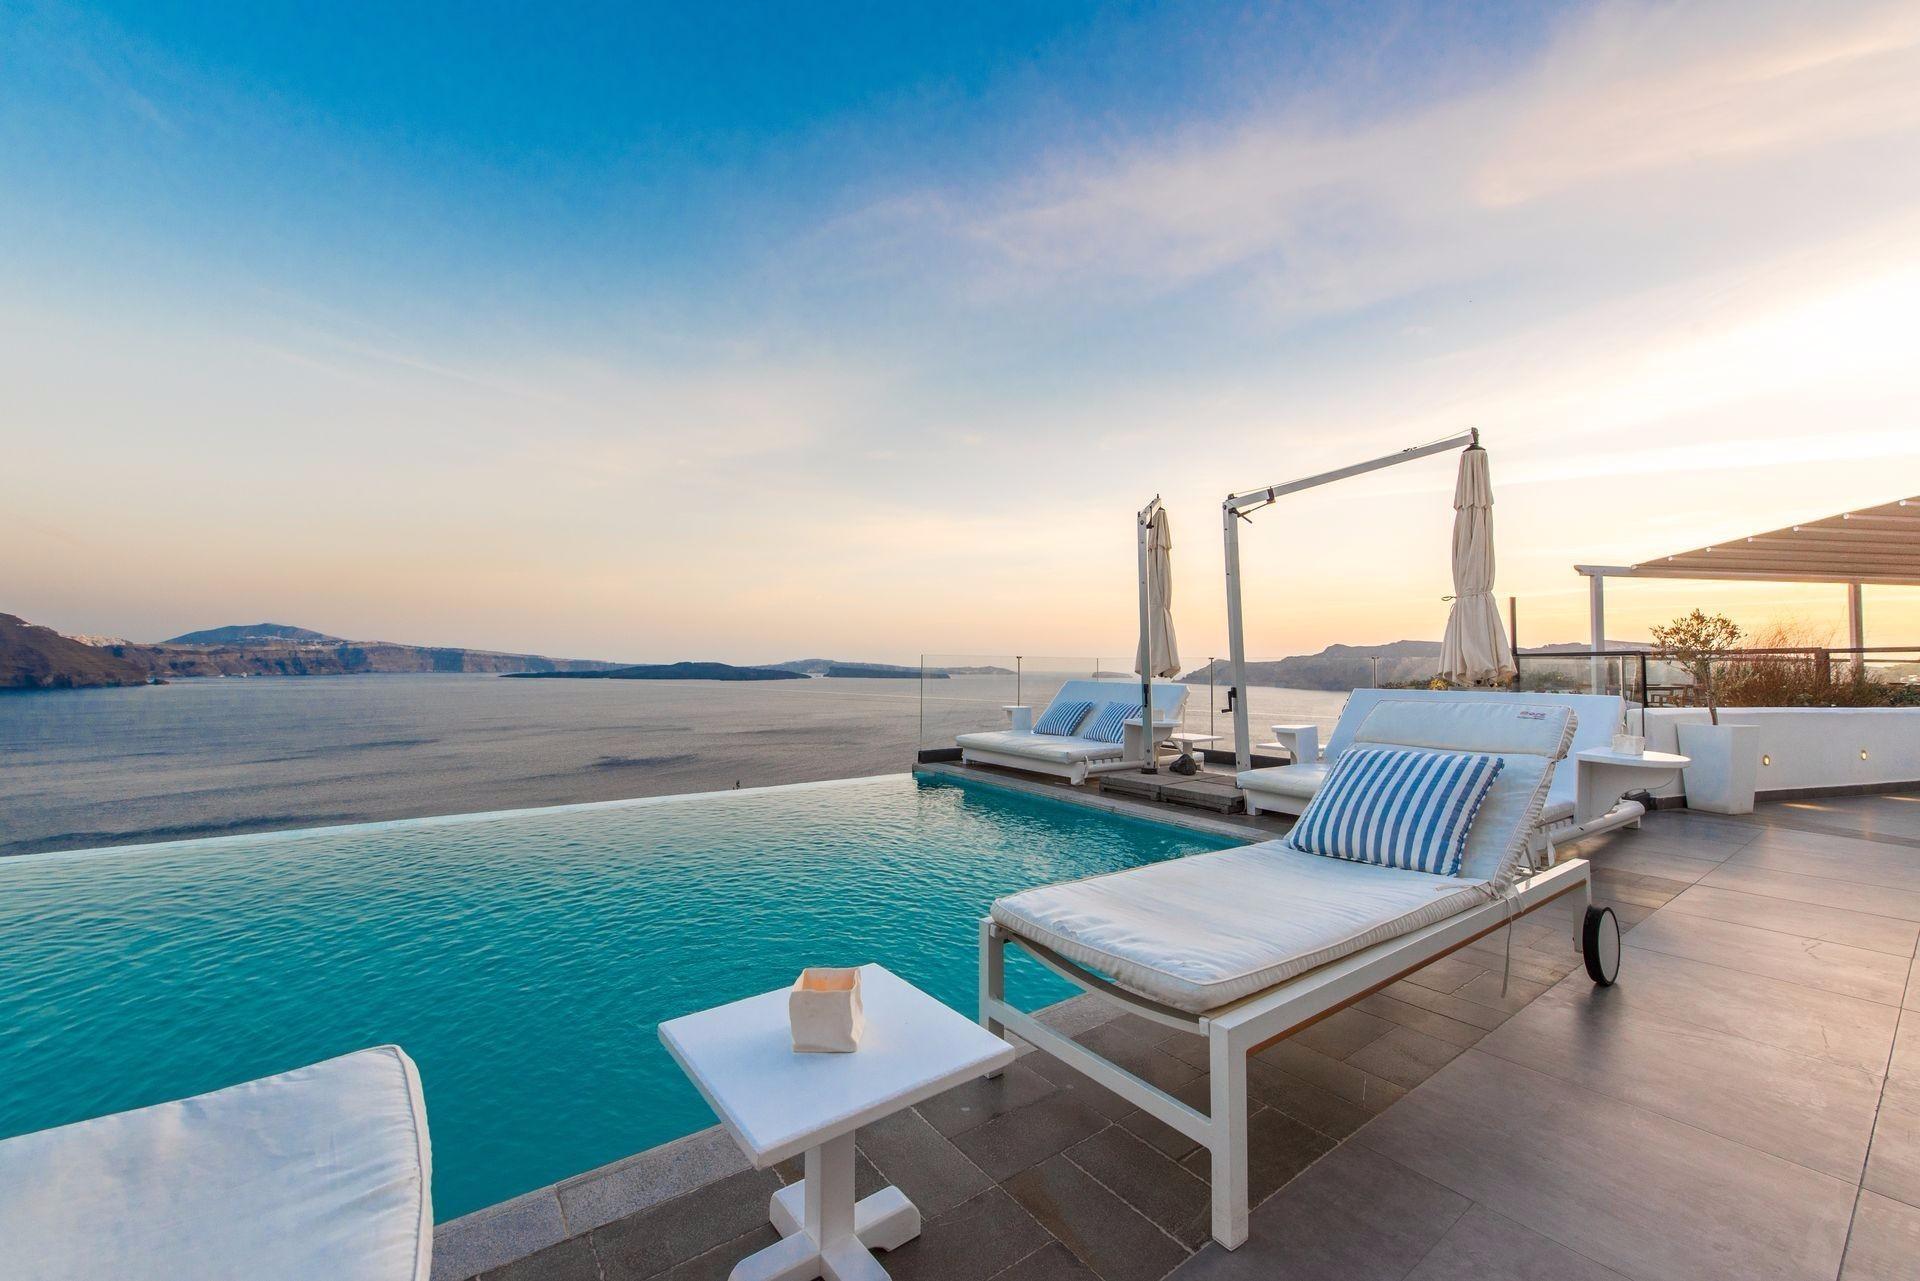 luxury-hotel-in-santorini.jpg